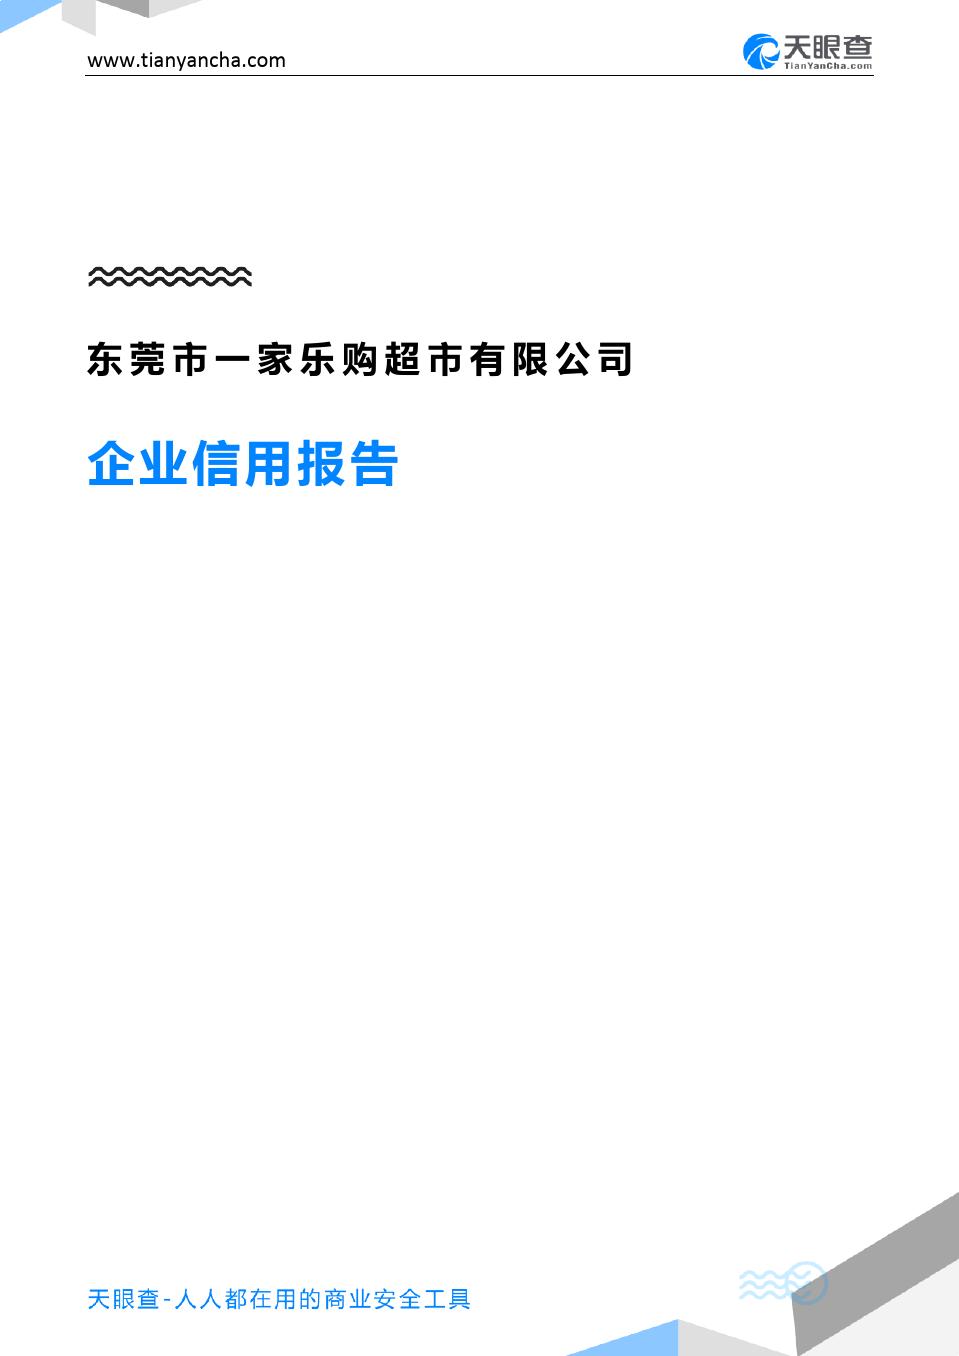 东莞市一家乐购超市有限公司(企业信用报告)- 天眼查